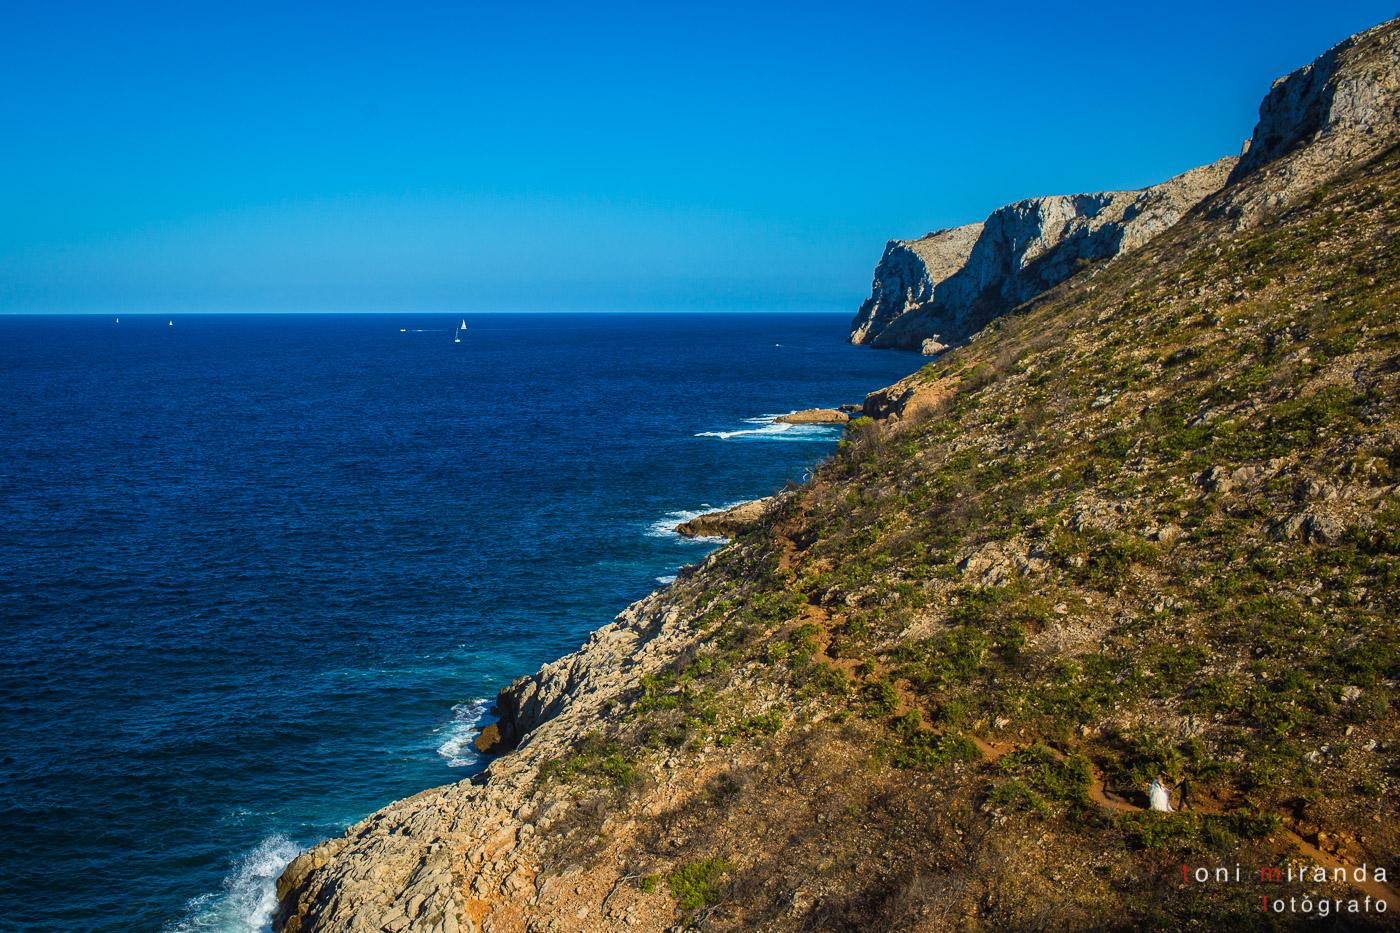 nocios caminando por la montaña en la costa mediterránea